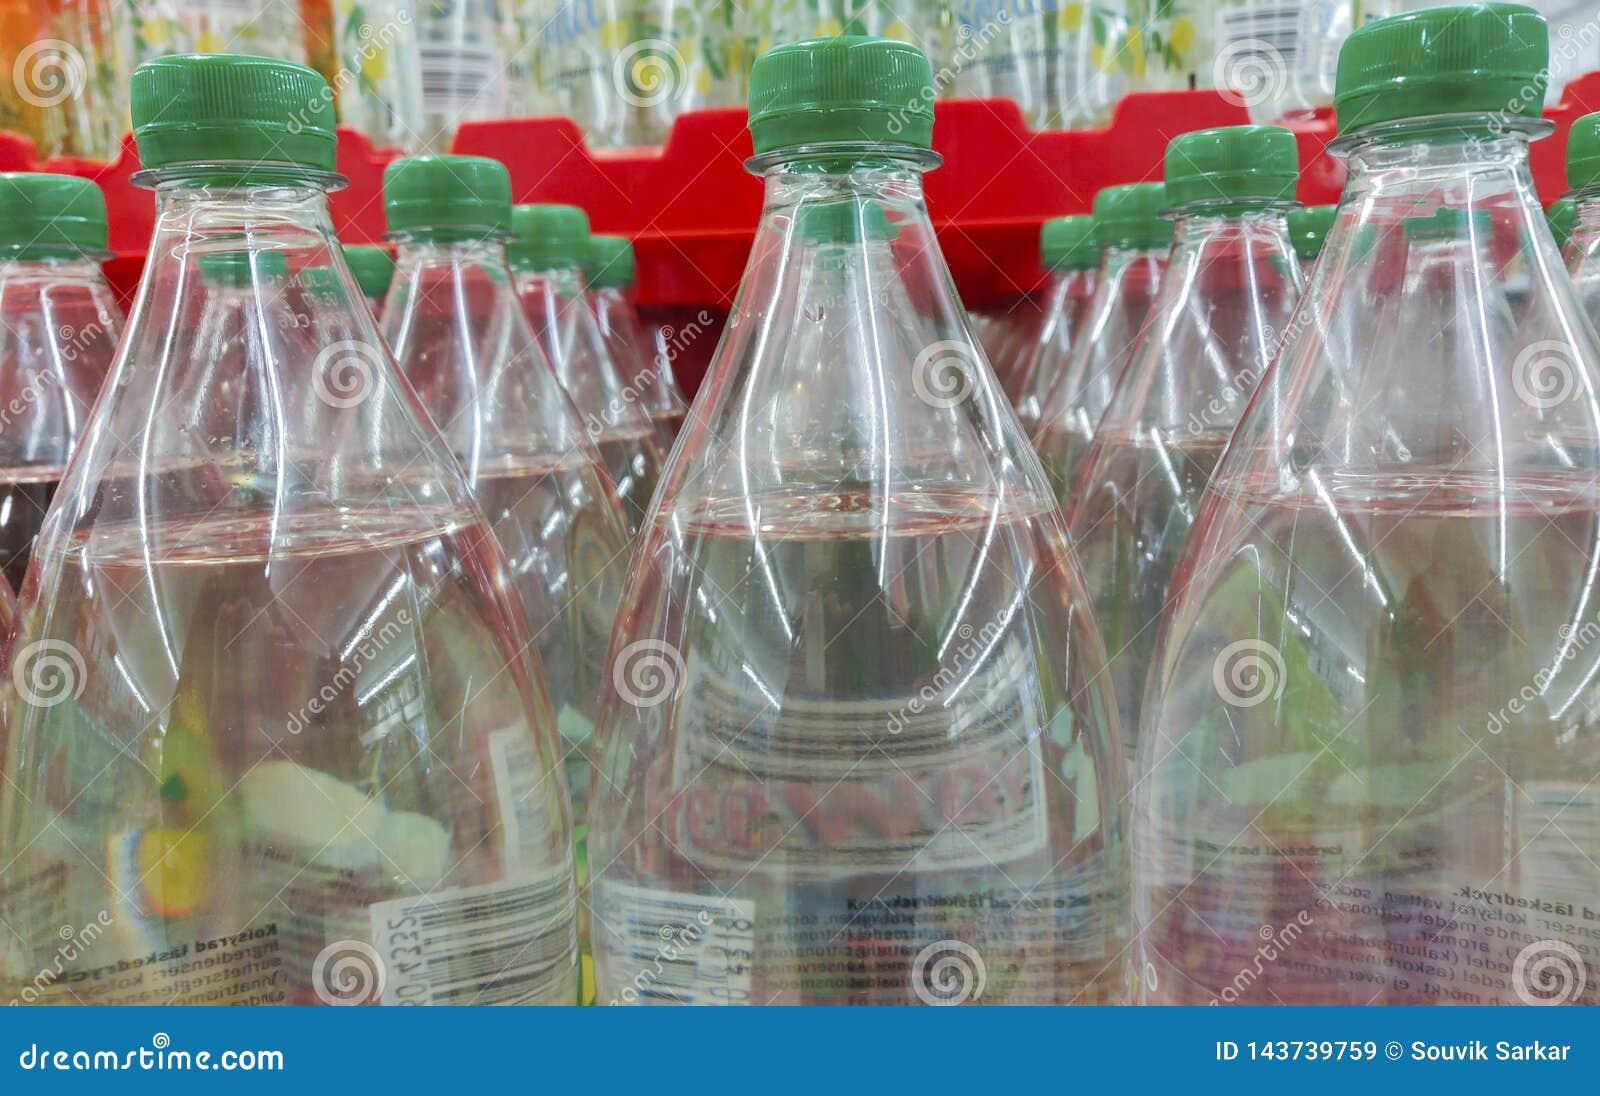 Boissons non alcoolisées dans des bouteilles en plastique d une série pour le mode de vie sain et transparent frais